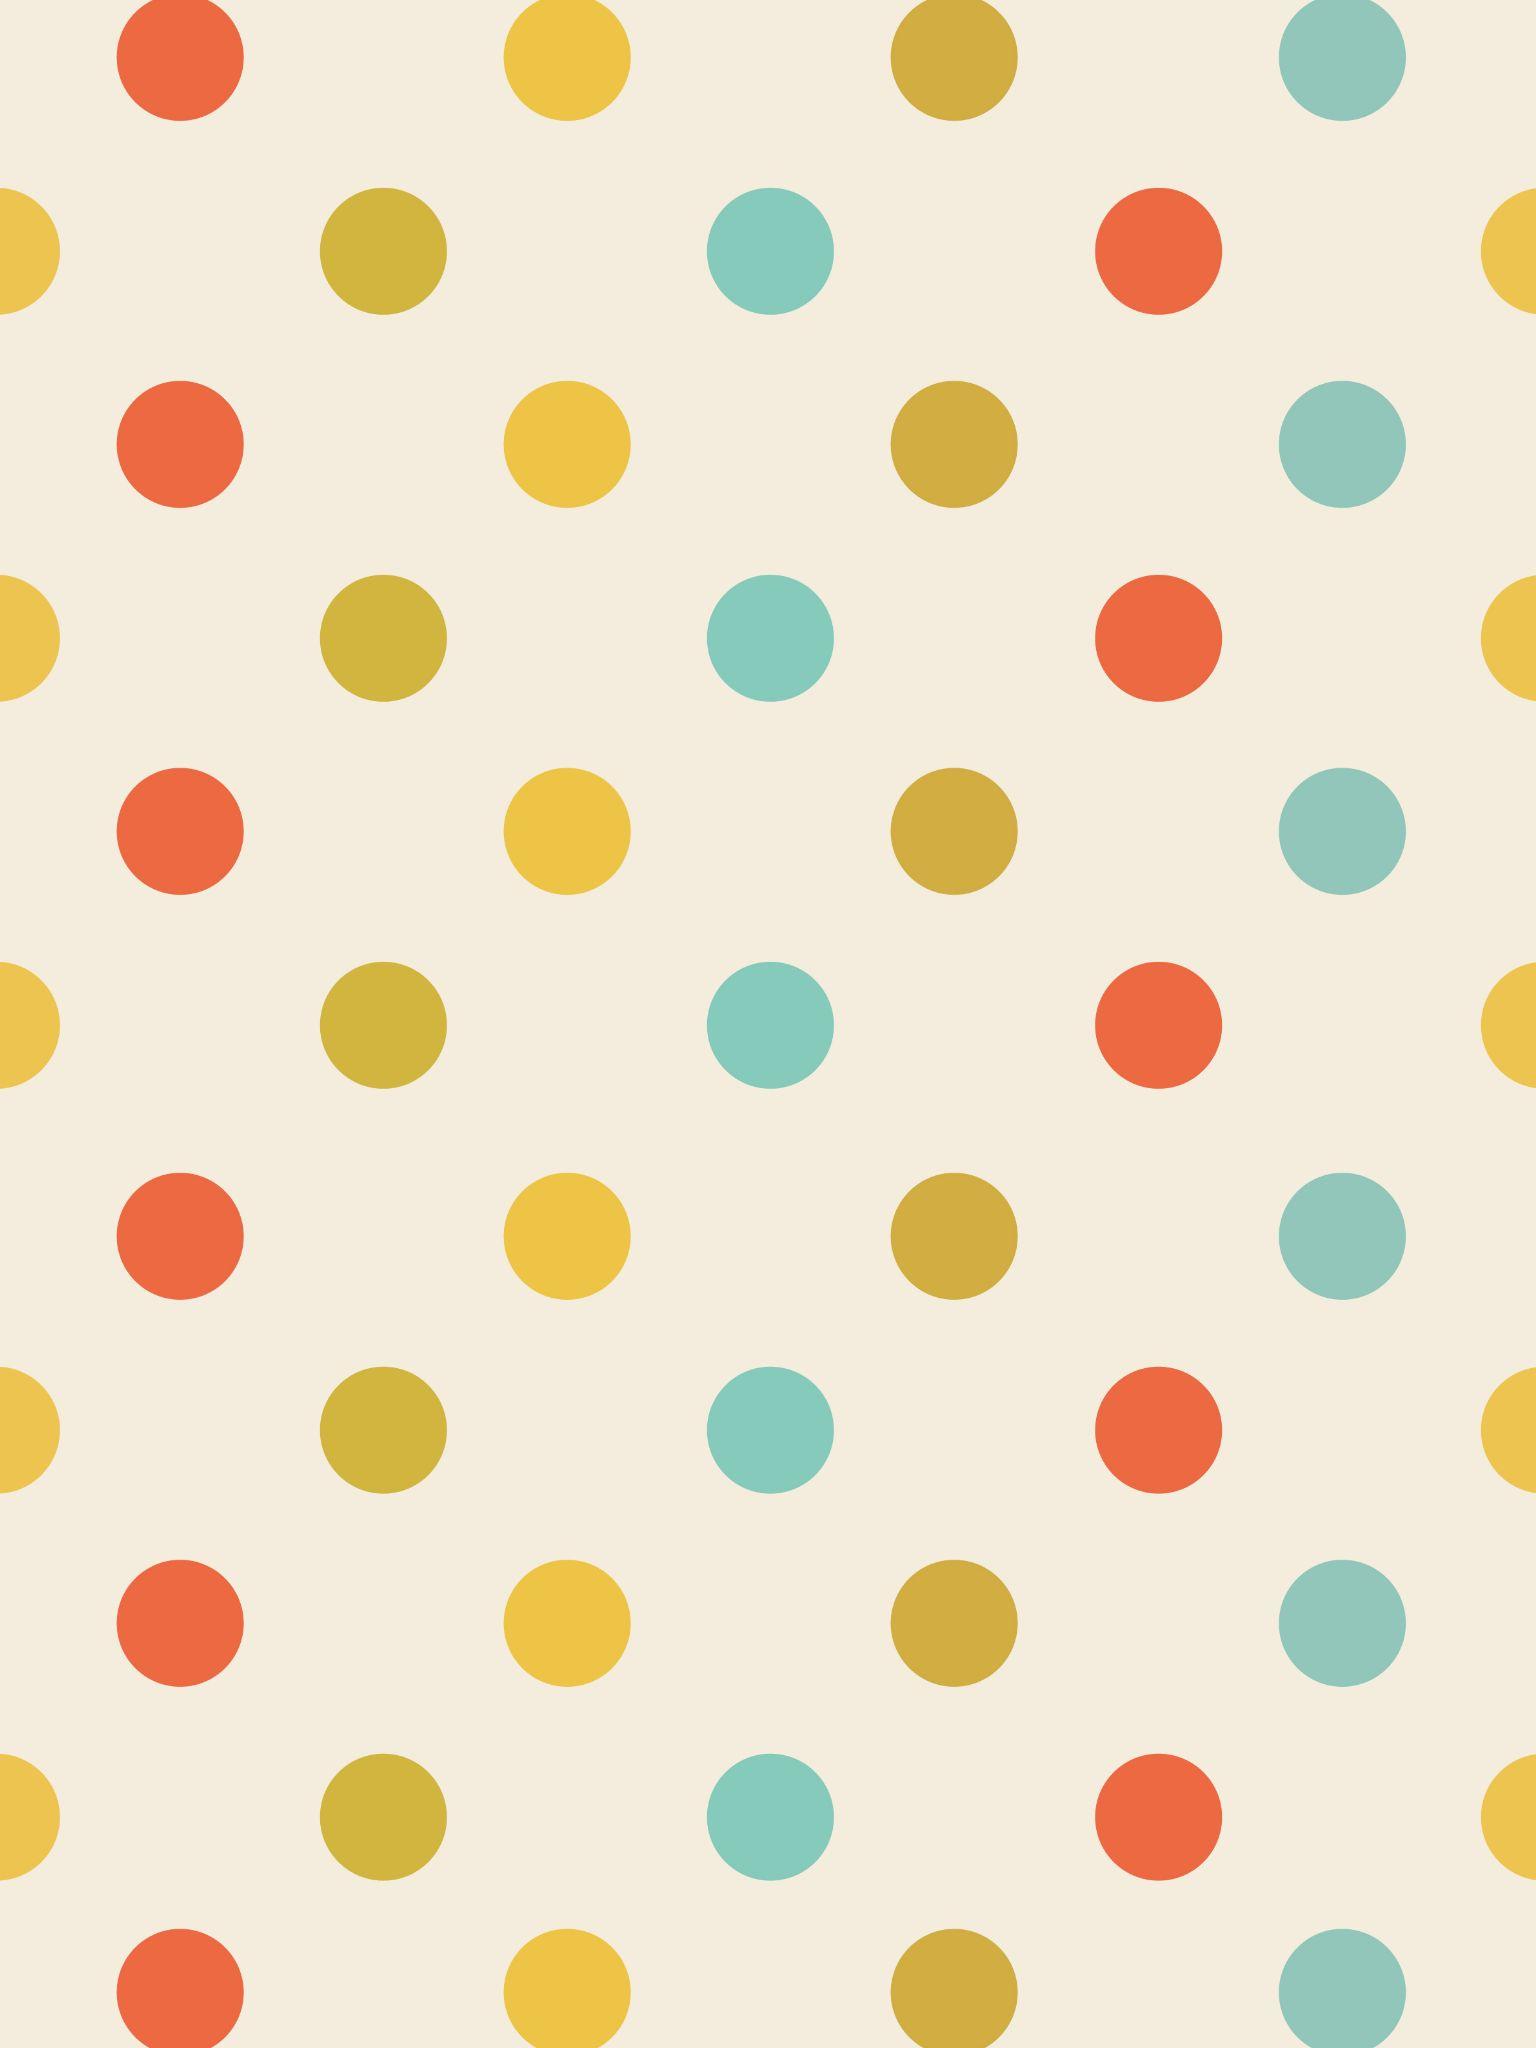 Wallpapers for iPad Mini retina iPad Air iPad Air 2 iPad 3 and iPad 1536x2048